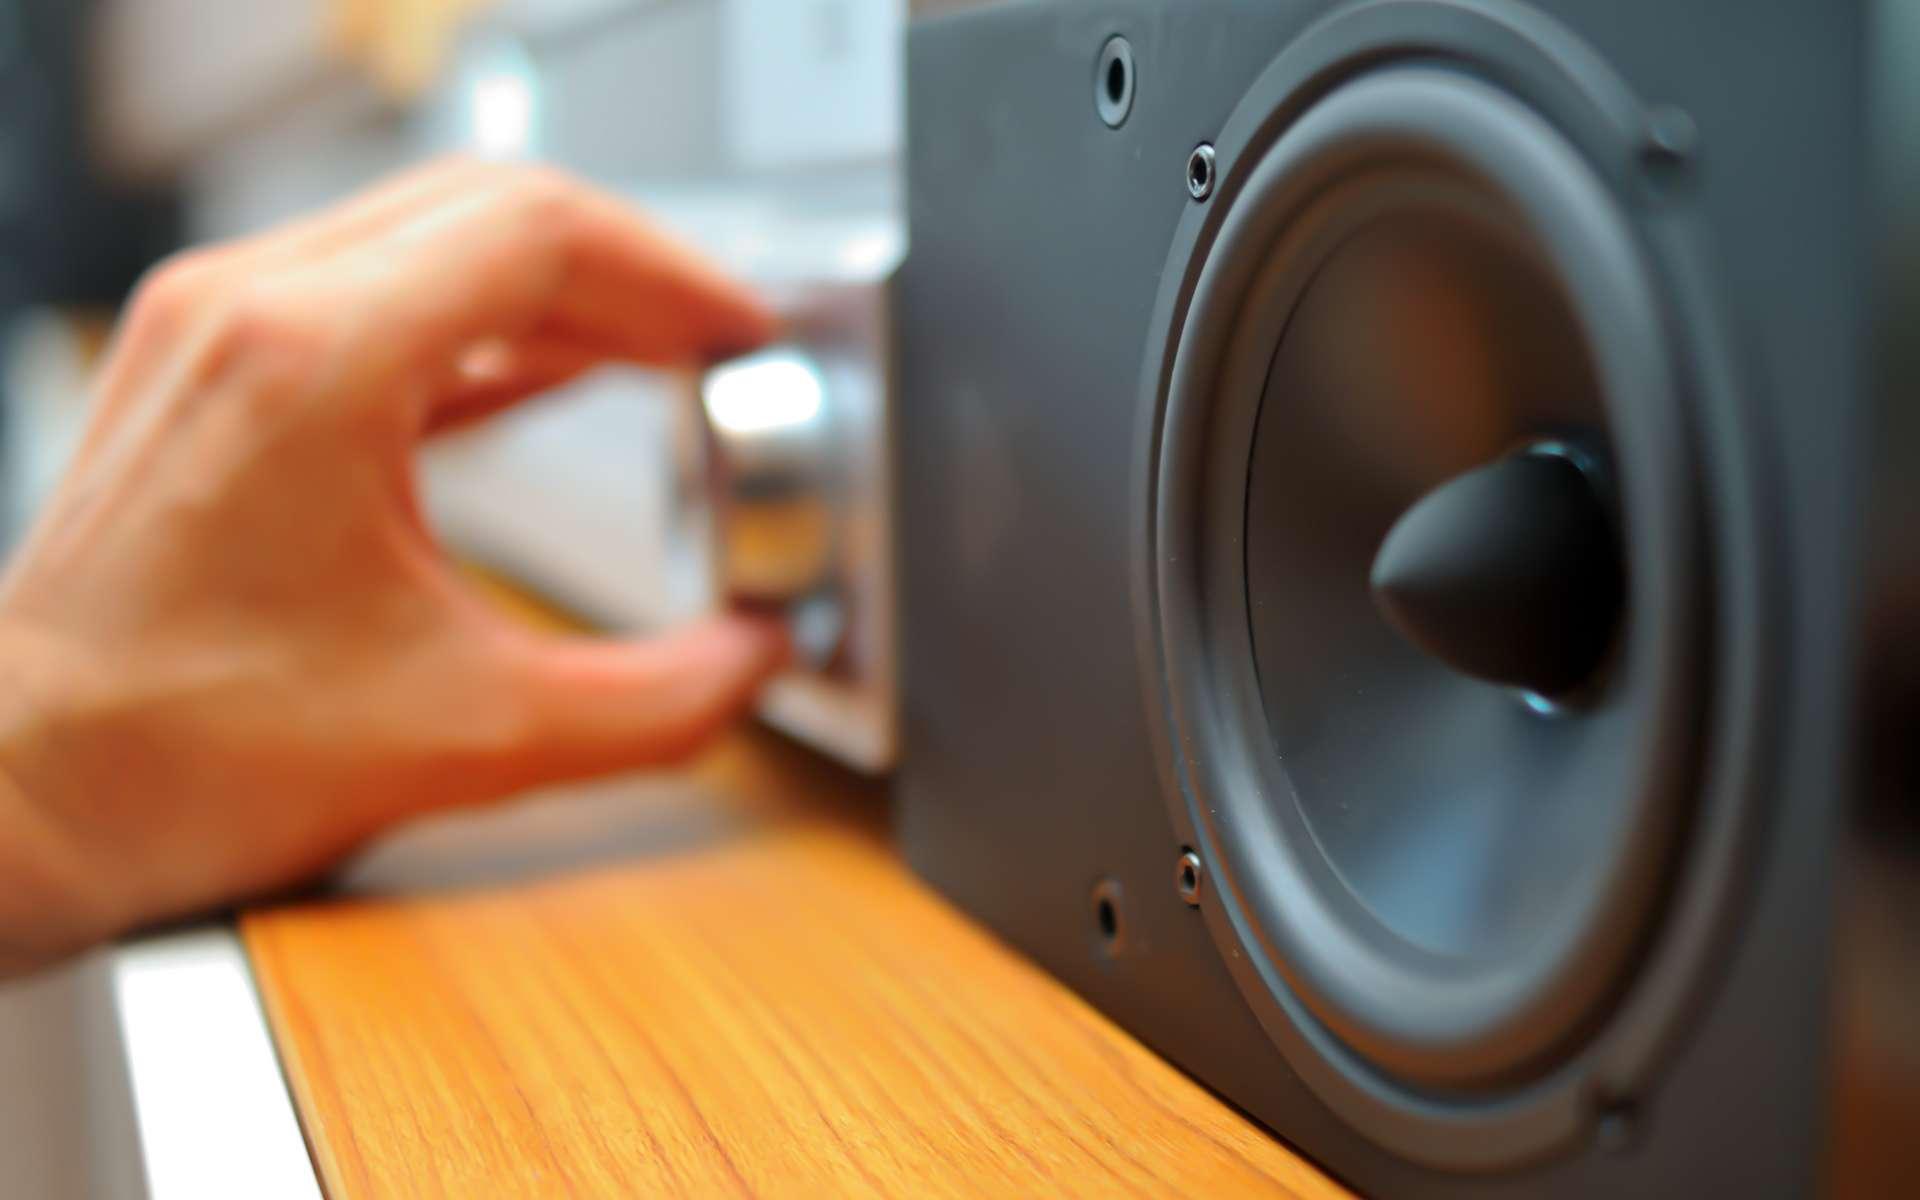 L'expérience télévisuelle implique un son audio performant. © Salvatore Pandolfi, Adobe Stock